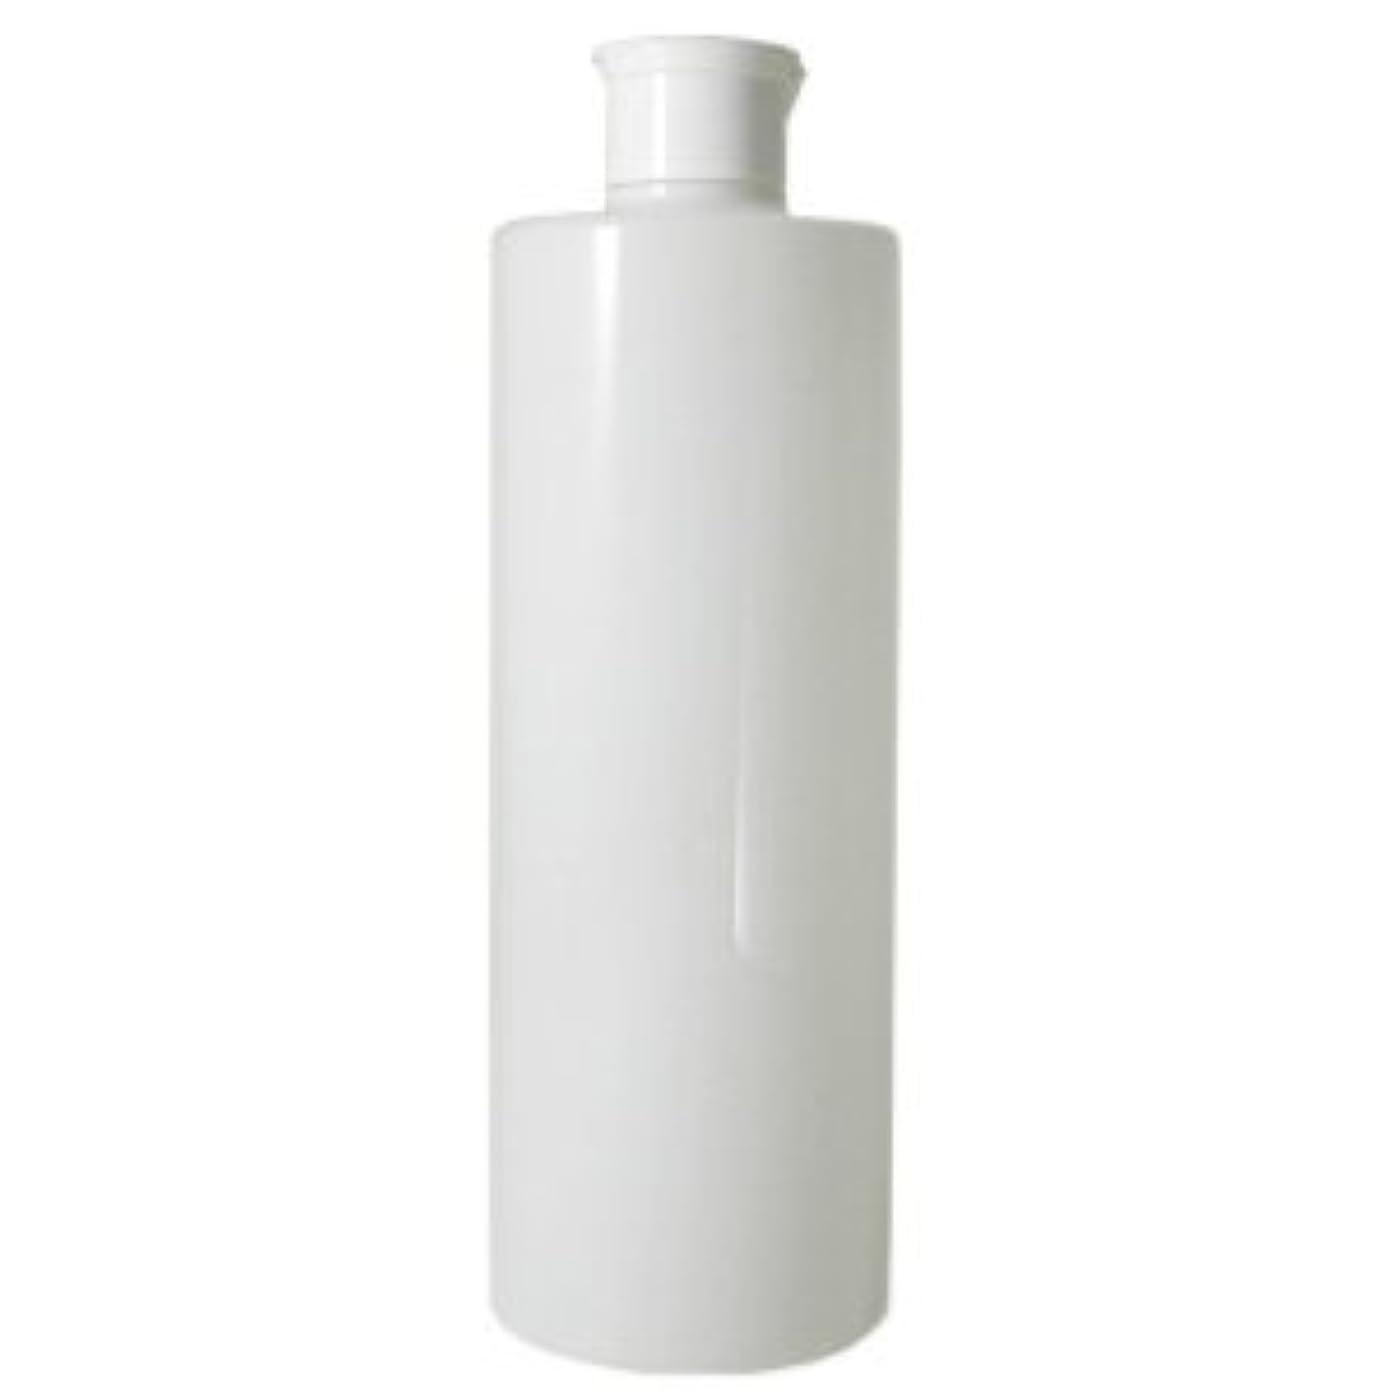 蛾何メタンワンタッチキャップ 乳白半透明容器 500ml